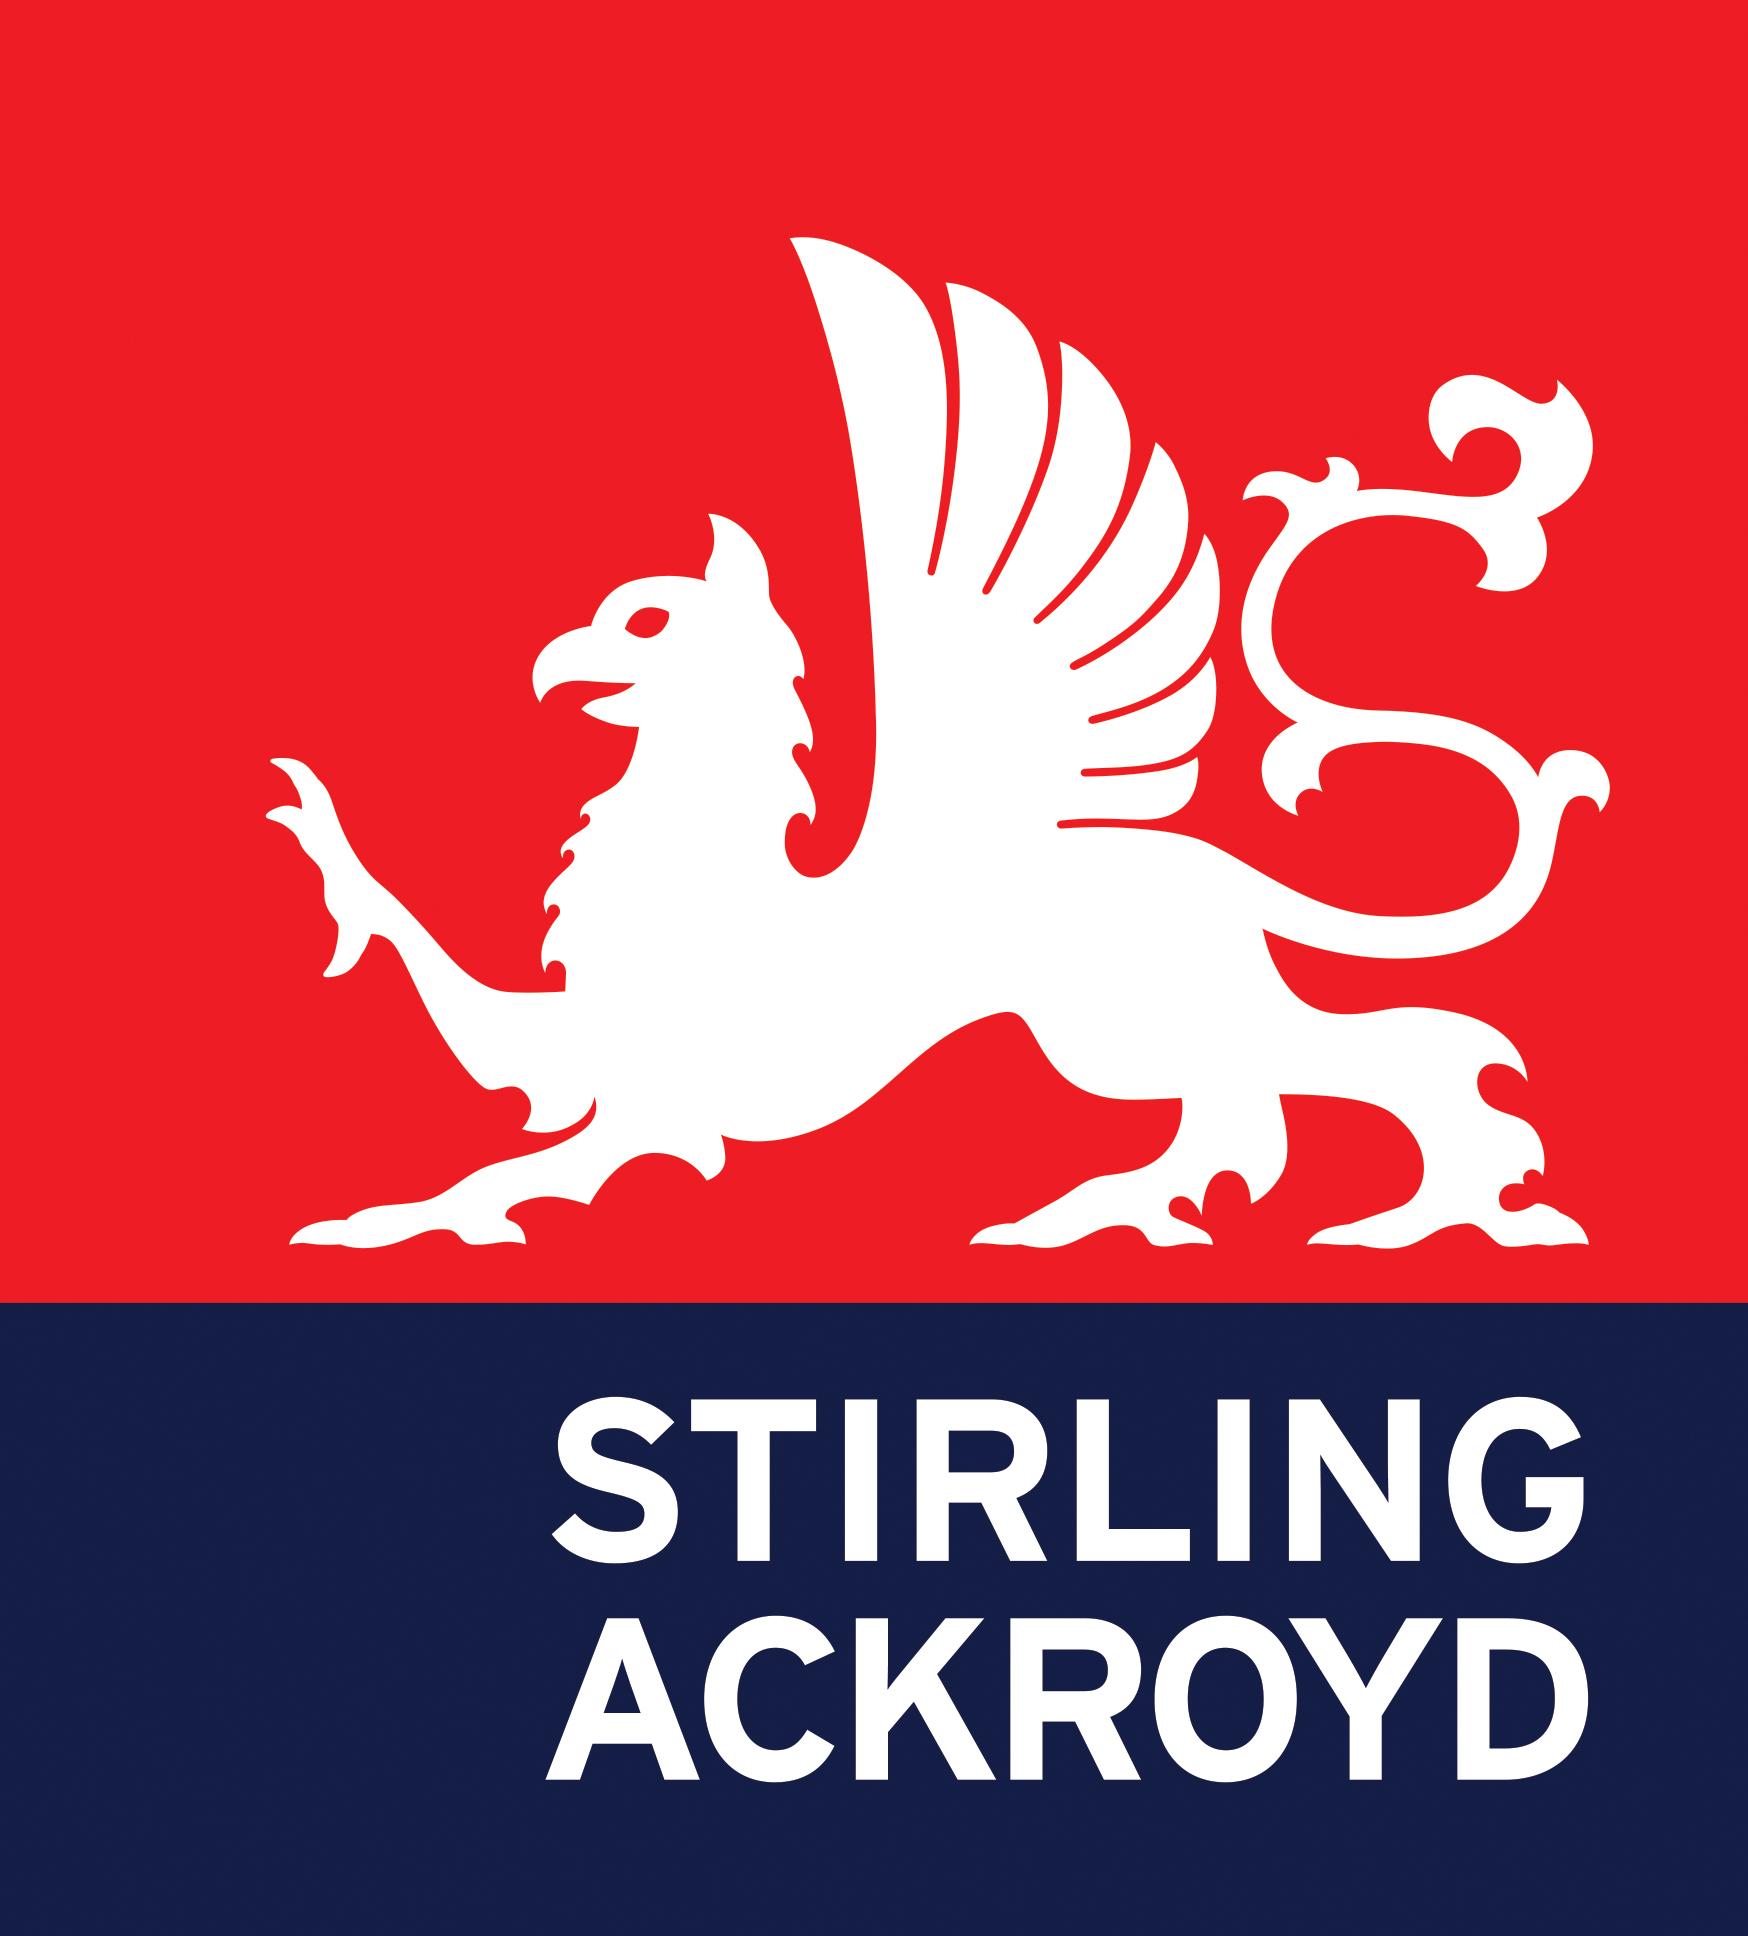 Stirling Ackroyd West End